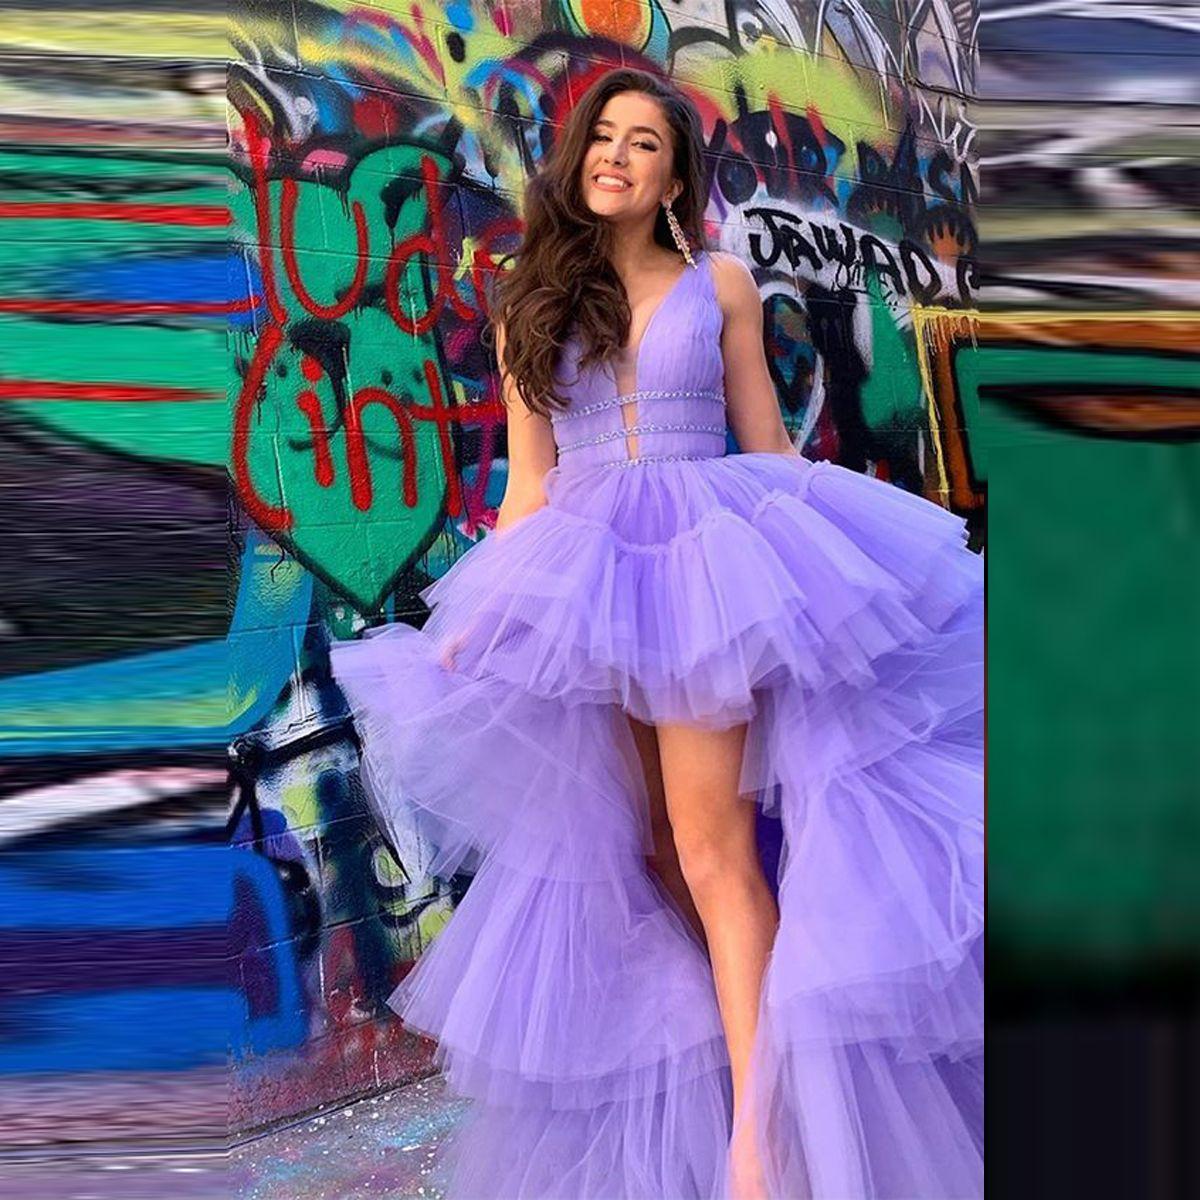 Abiti Puffy Lavanda massimo minimo di promenade Liste Tiered Livelli Tulle ragazze Pageant abiti Vestiti posteriore sexy abito da sera a buon mercato